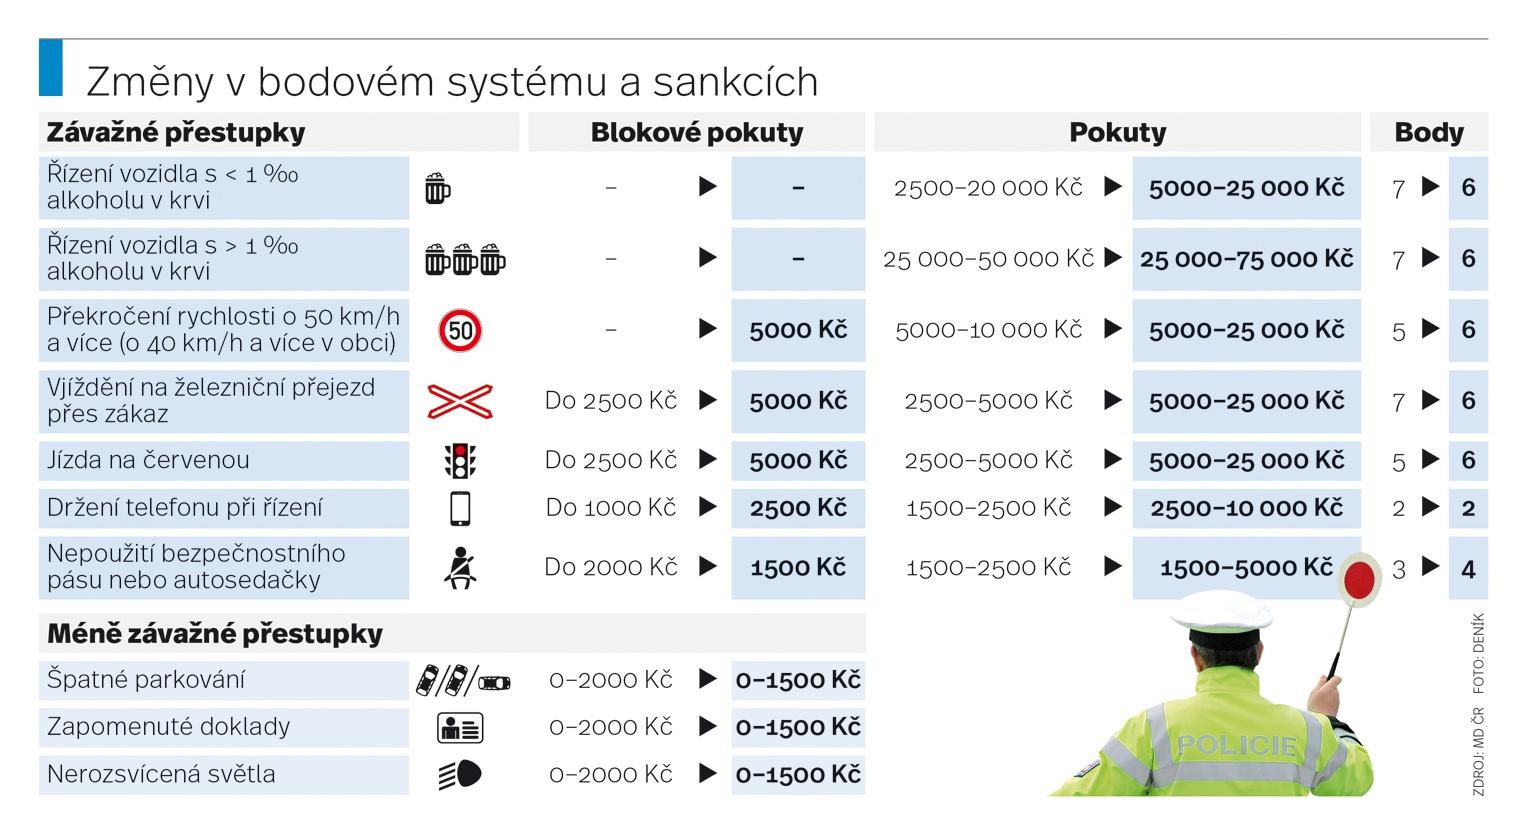 0511-bodovy-system-web